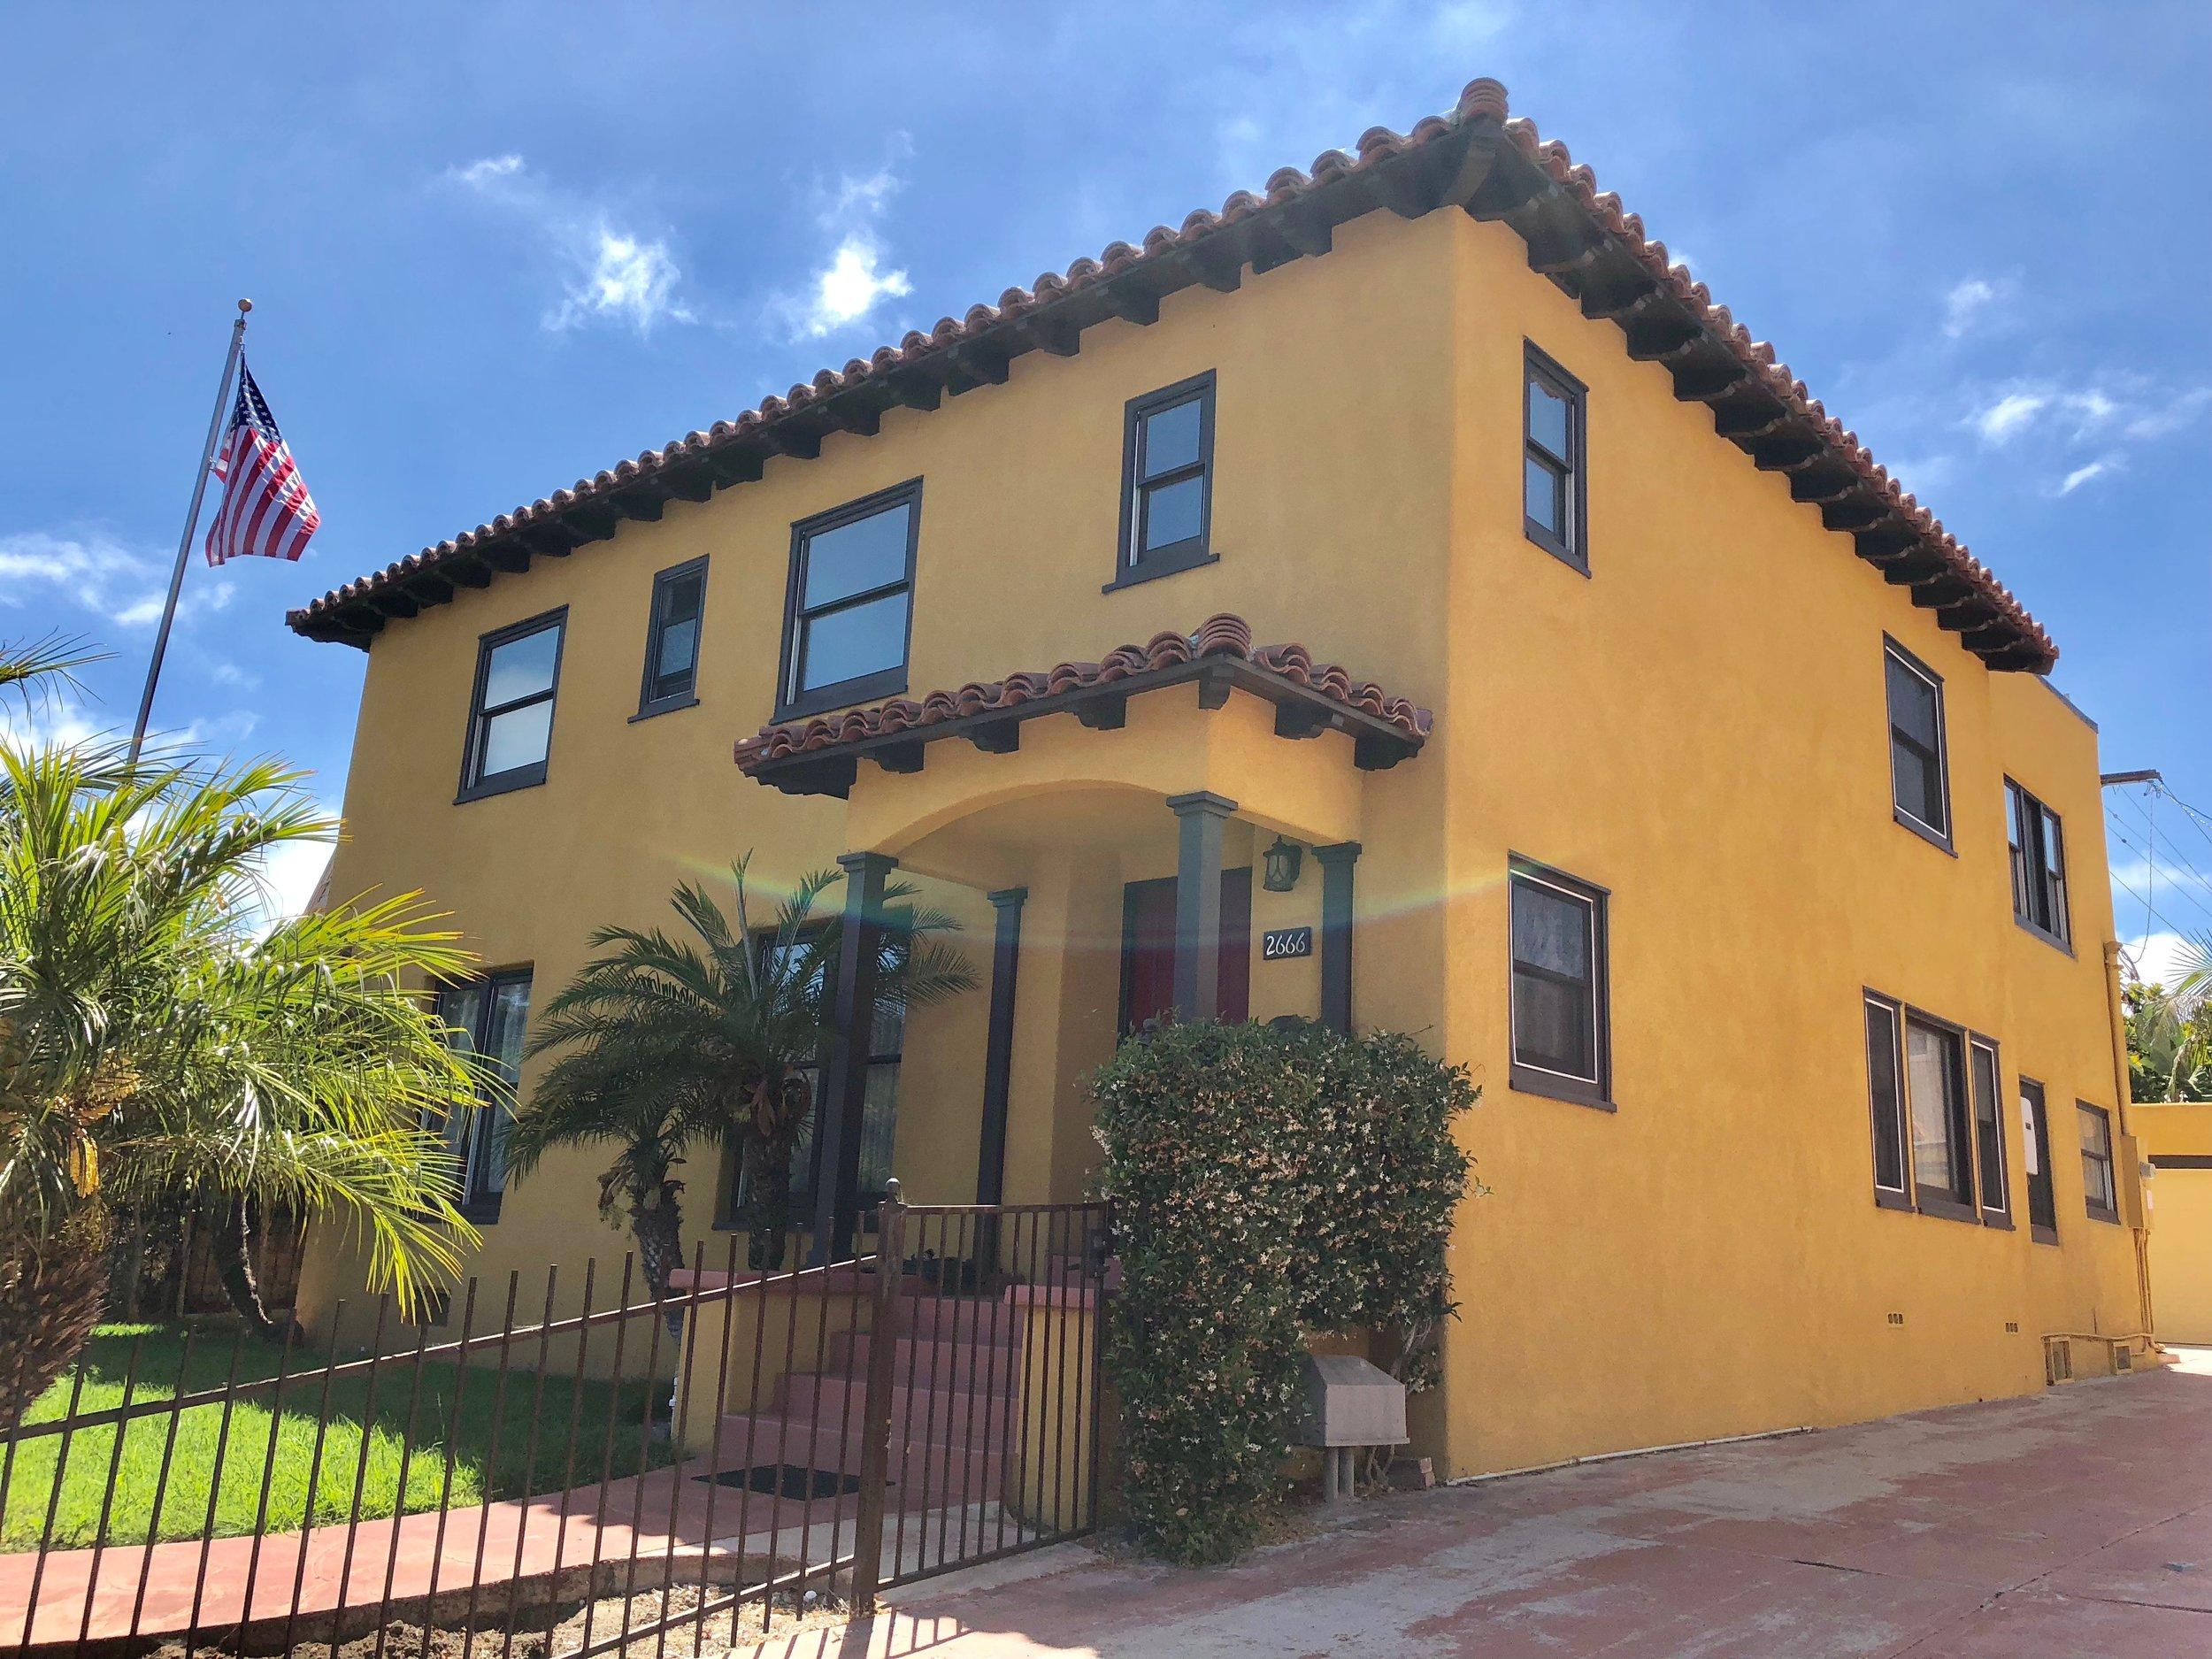 Historical Marston House (Downtown San Diego)